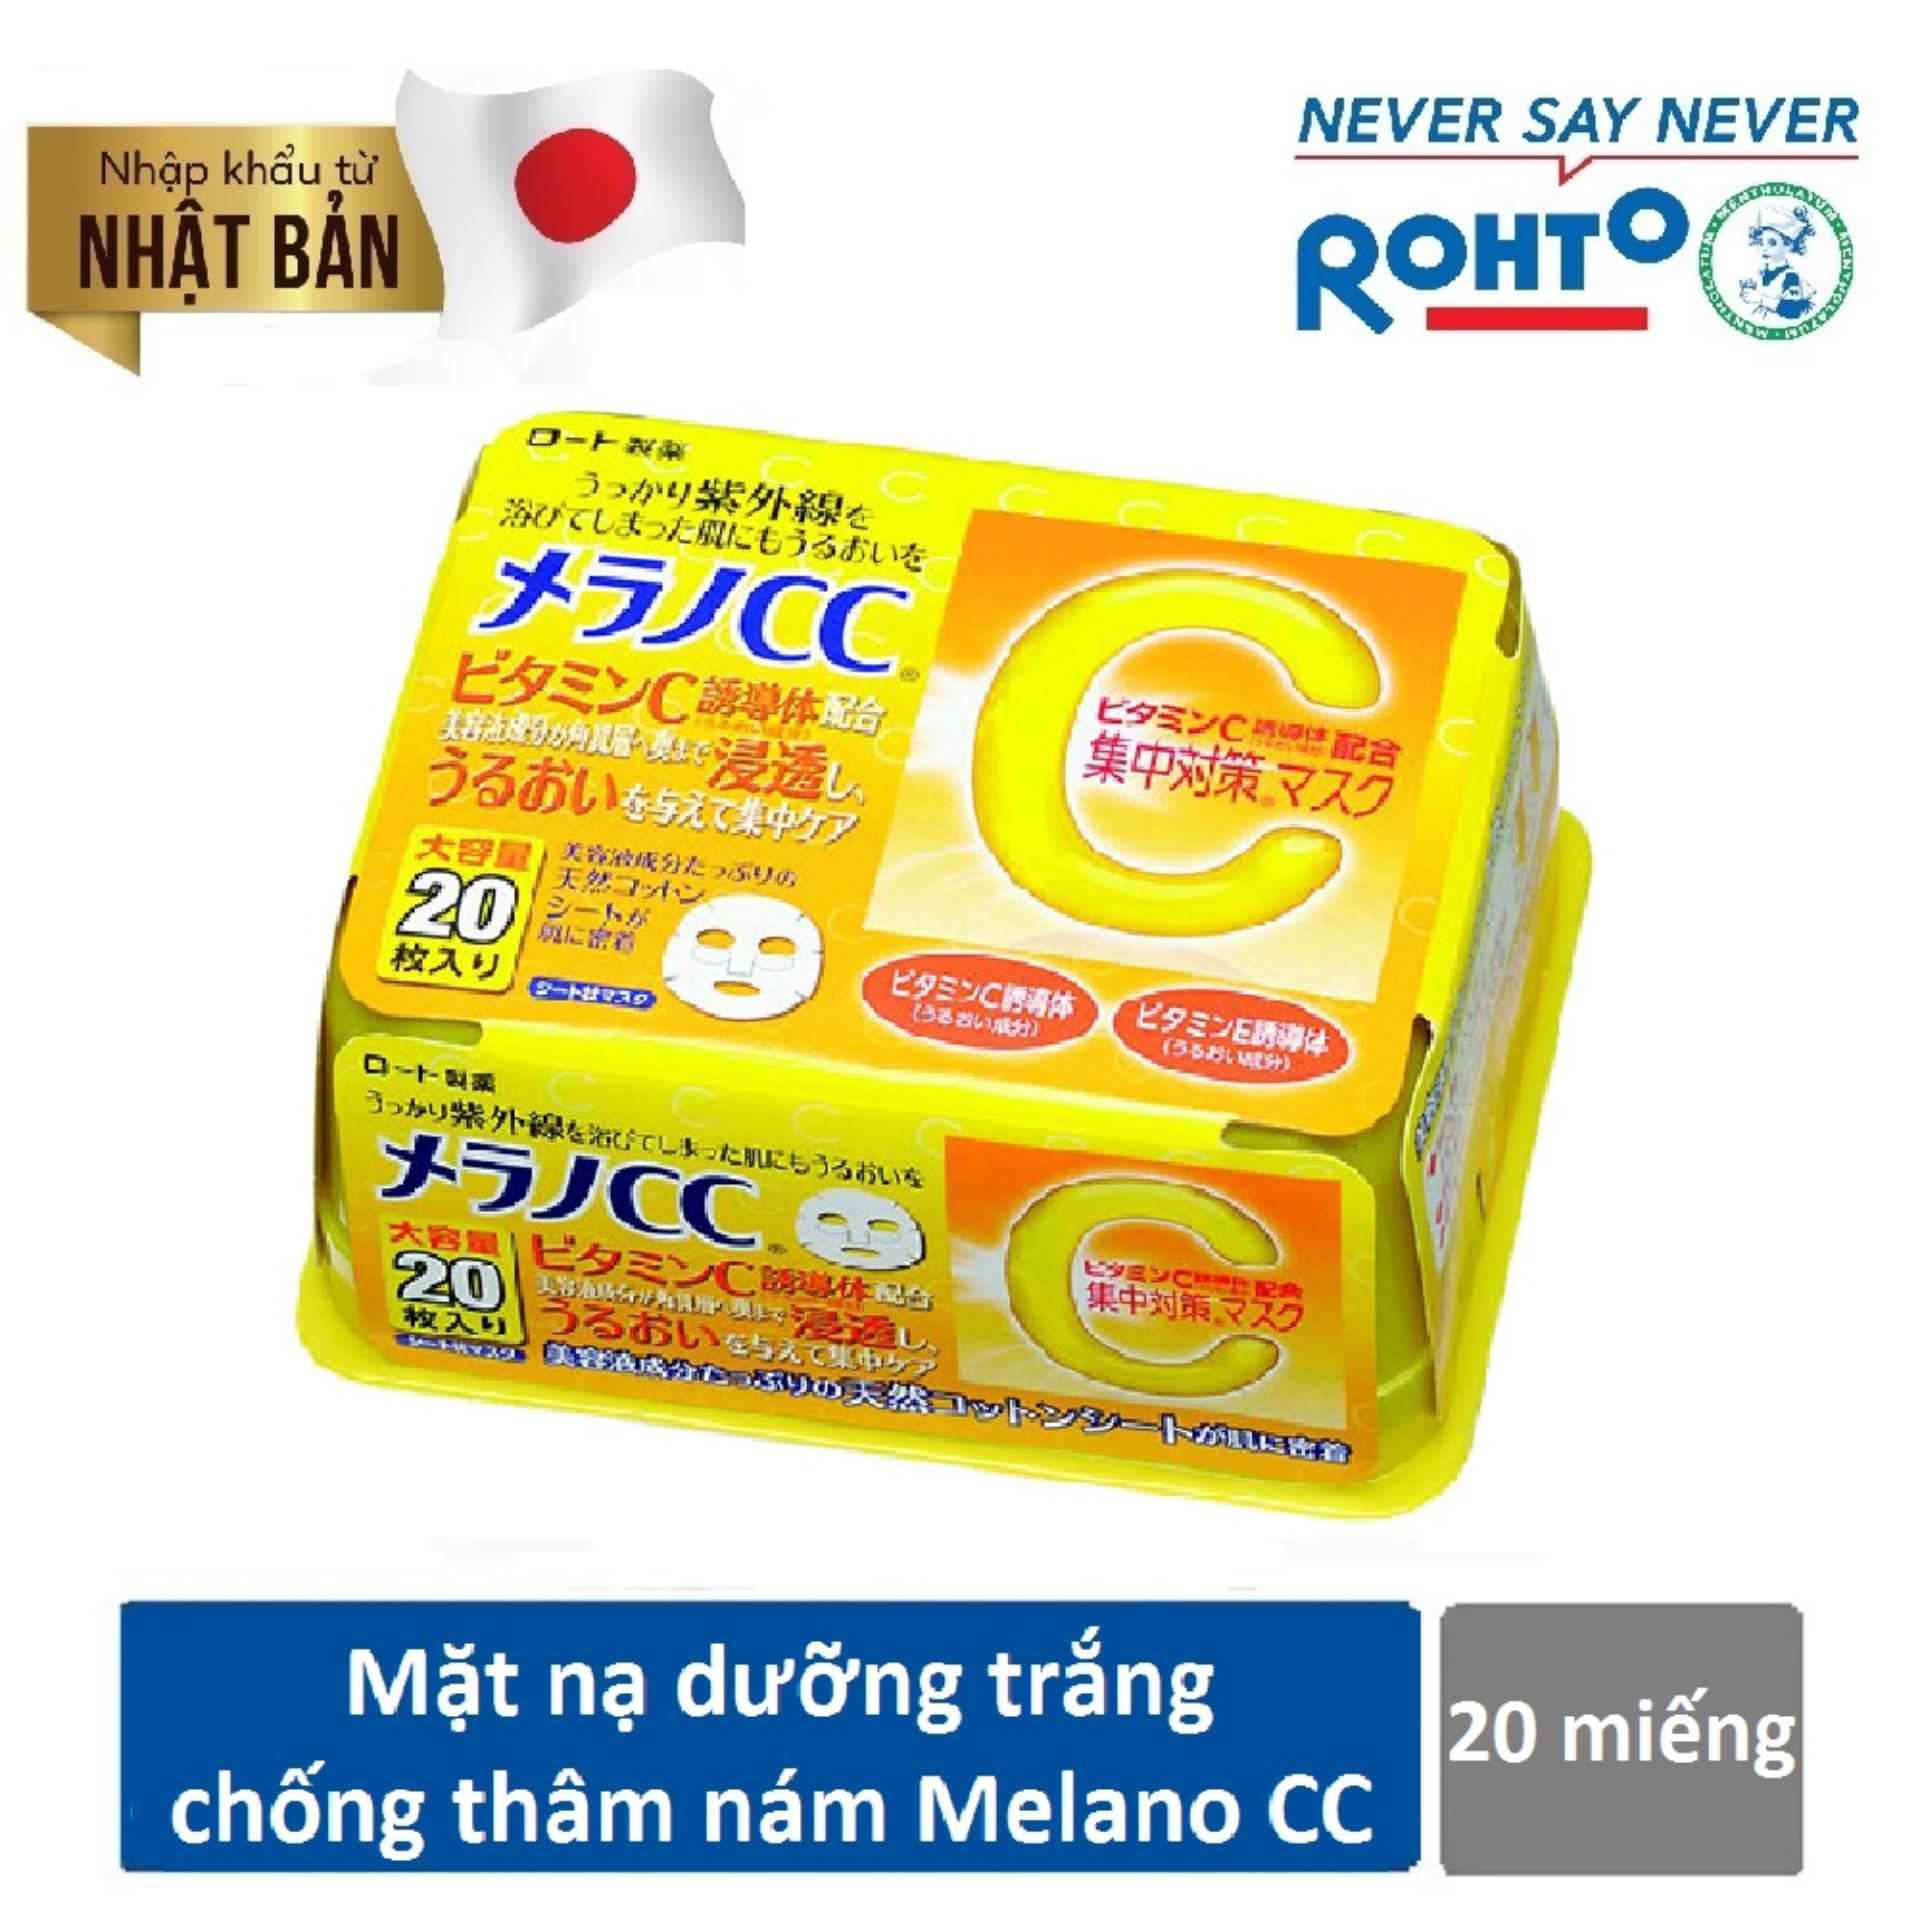 Mặt Nạ Dưỡng Trắng Da Chống Tham Nam Melano Cc Whitening Mask 20Pcs Nhập Khẩu Từ Nhật Bản Hồ Chí Minh Chiết Khấu 50